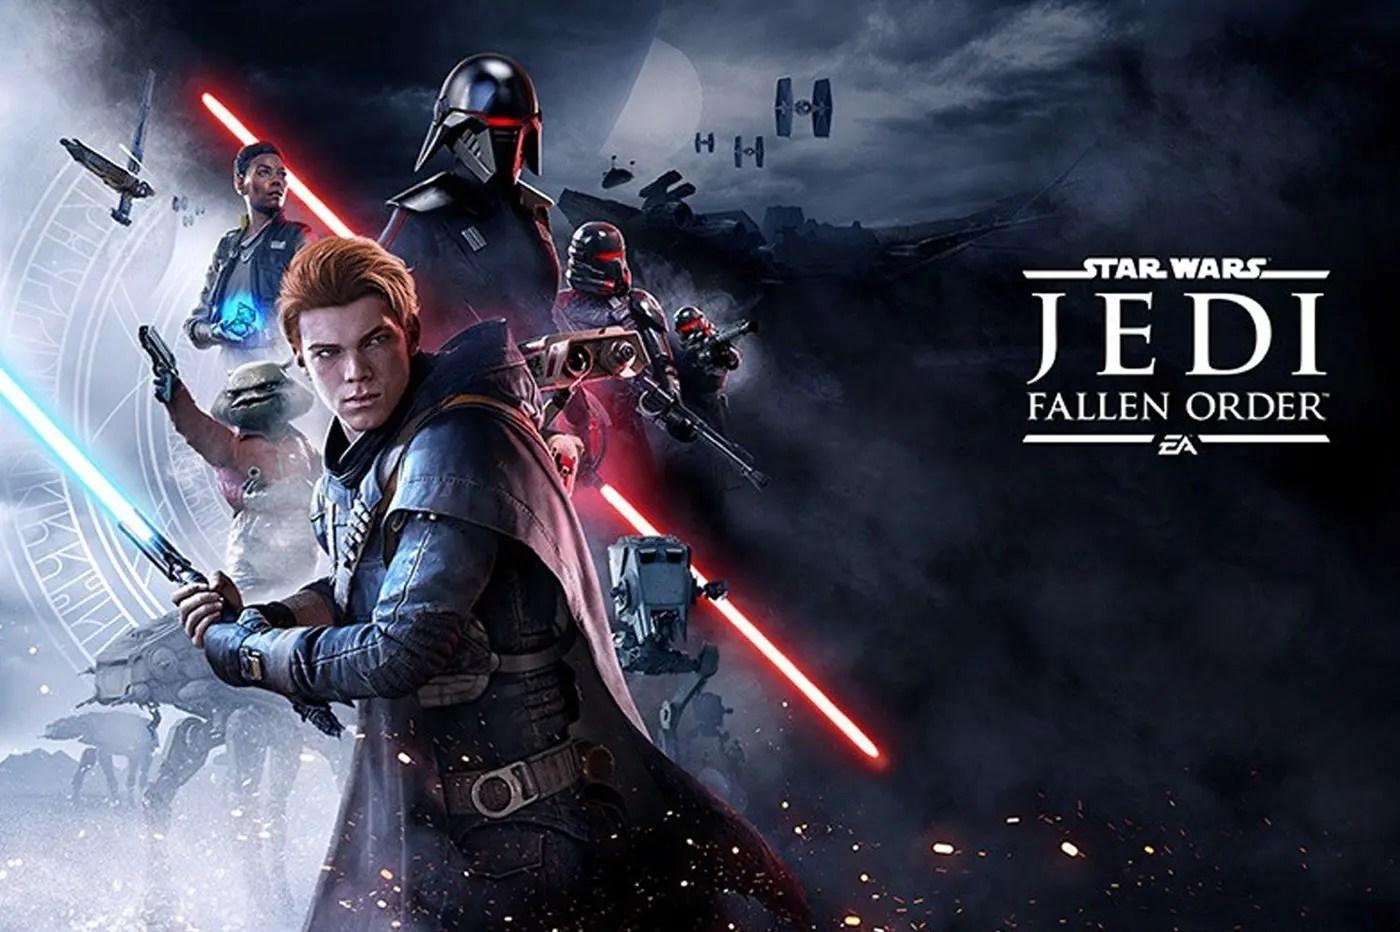 Star Wars: Jedi Fallen Order – Un'anticipazione che ci fa sperare un ritorno alle origini